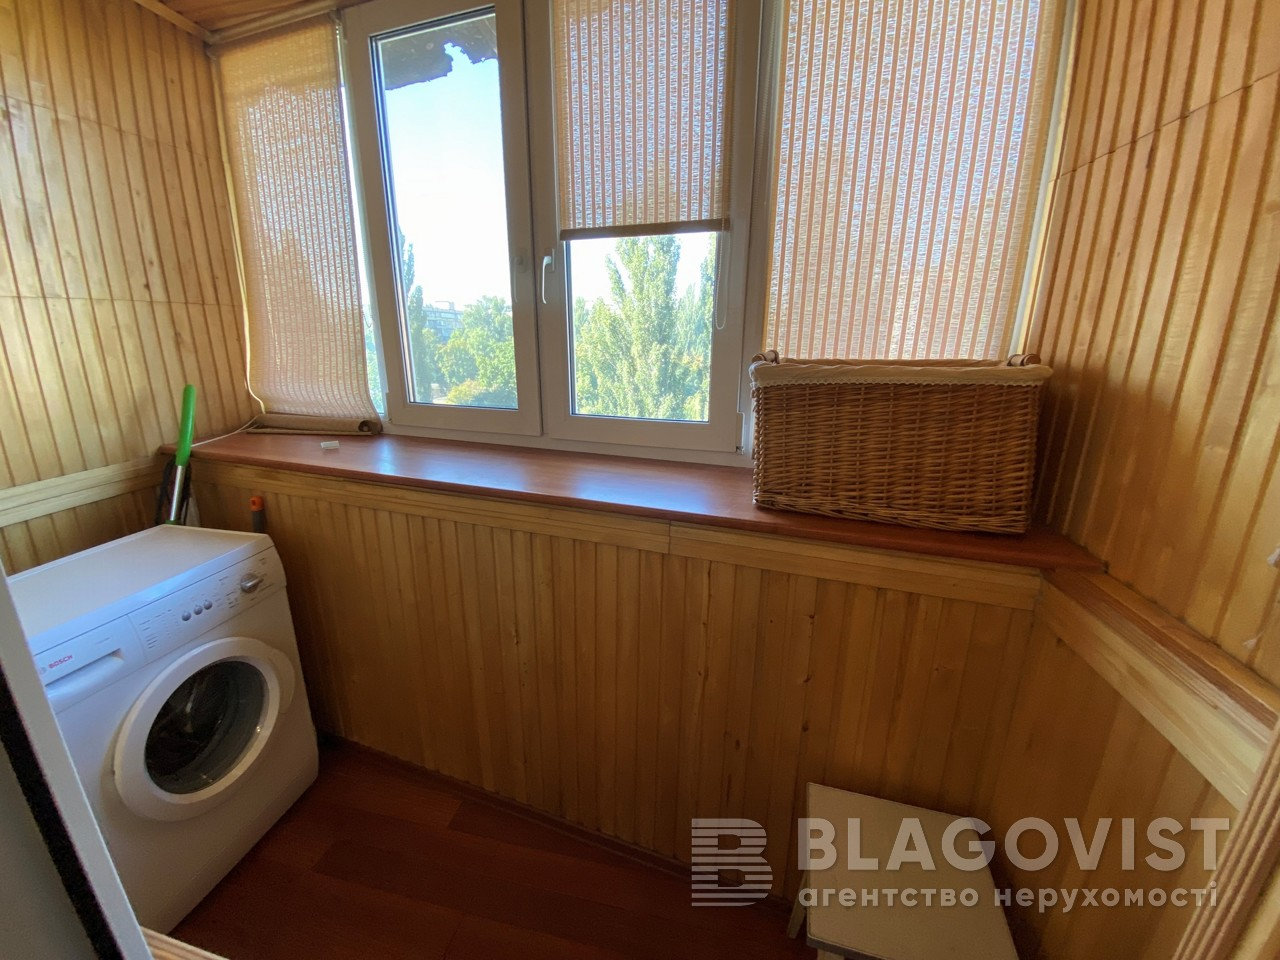 Квартира A-112566, Курбаса Леся (50-летия Октября) просп., 13, Киев - Фото 7